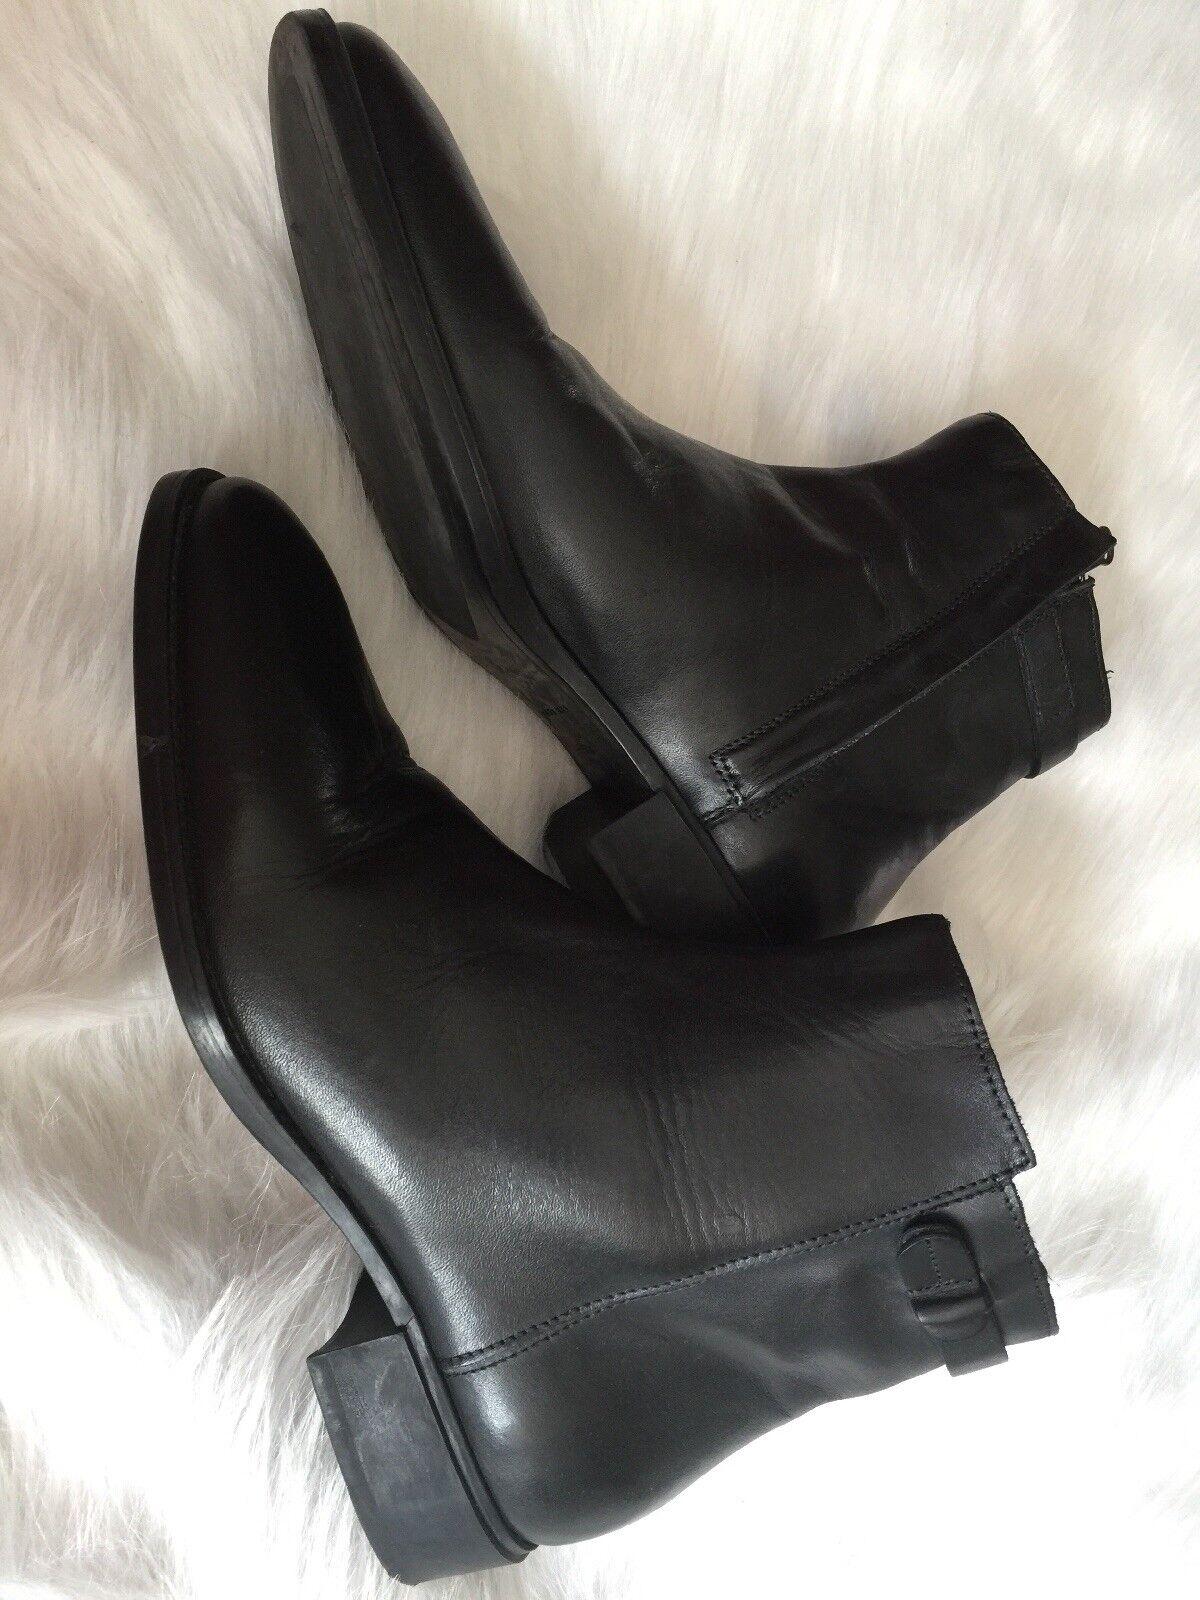 Zara Herrenschuhe Größe 43 Schwarz